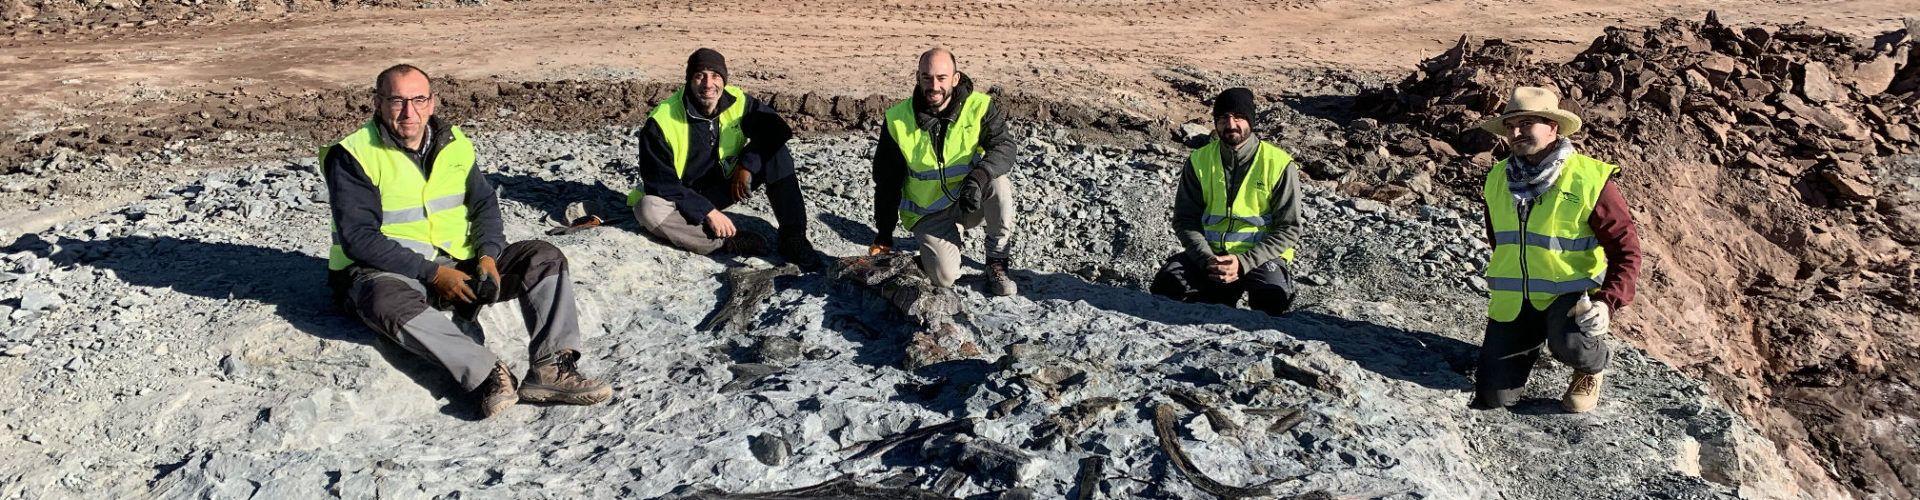 Noves restes de dinosaures ornitòpodes a les mines d'argila de Morella